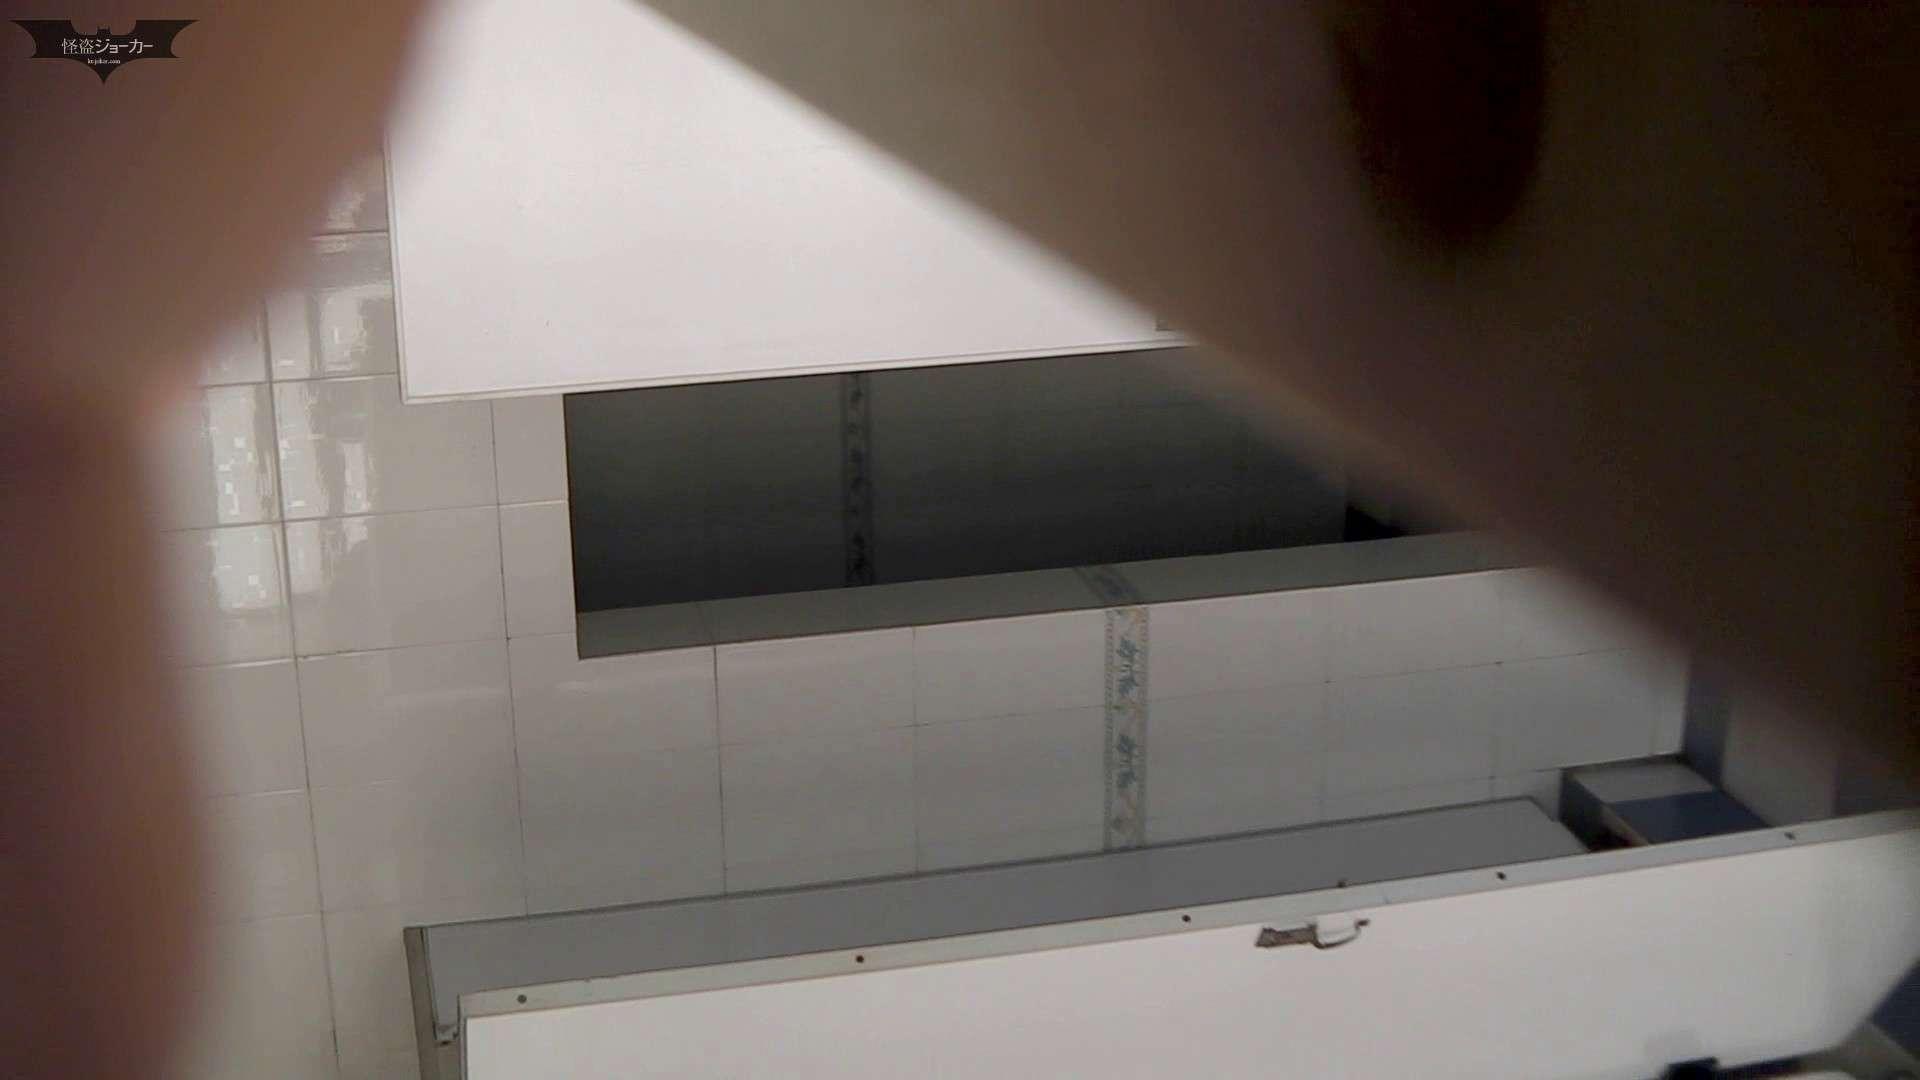 下からノゾム vol.015 これがいわゆる「タ・ラ・コ」唇ってやつですね。 洗面所 | ギャル攻め  83画像 19